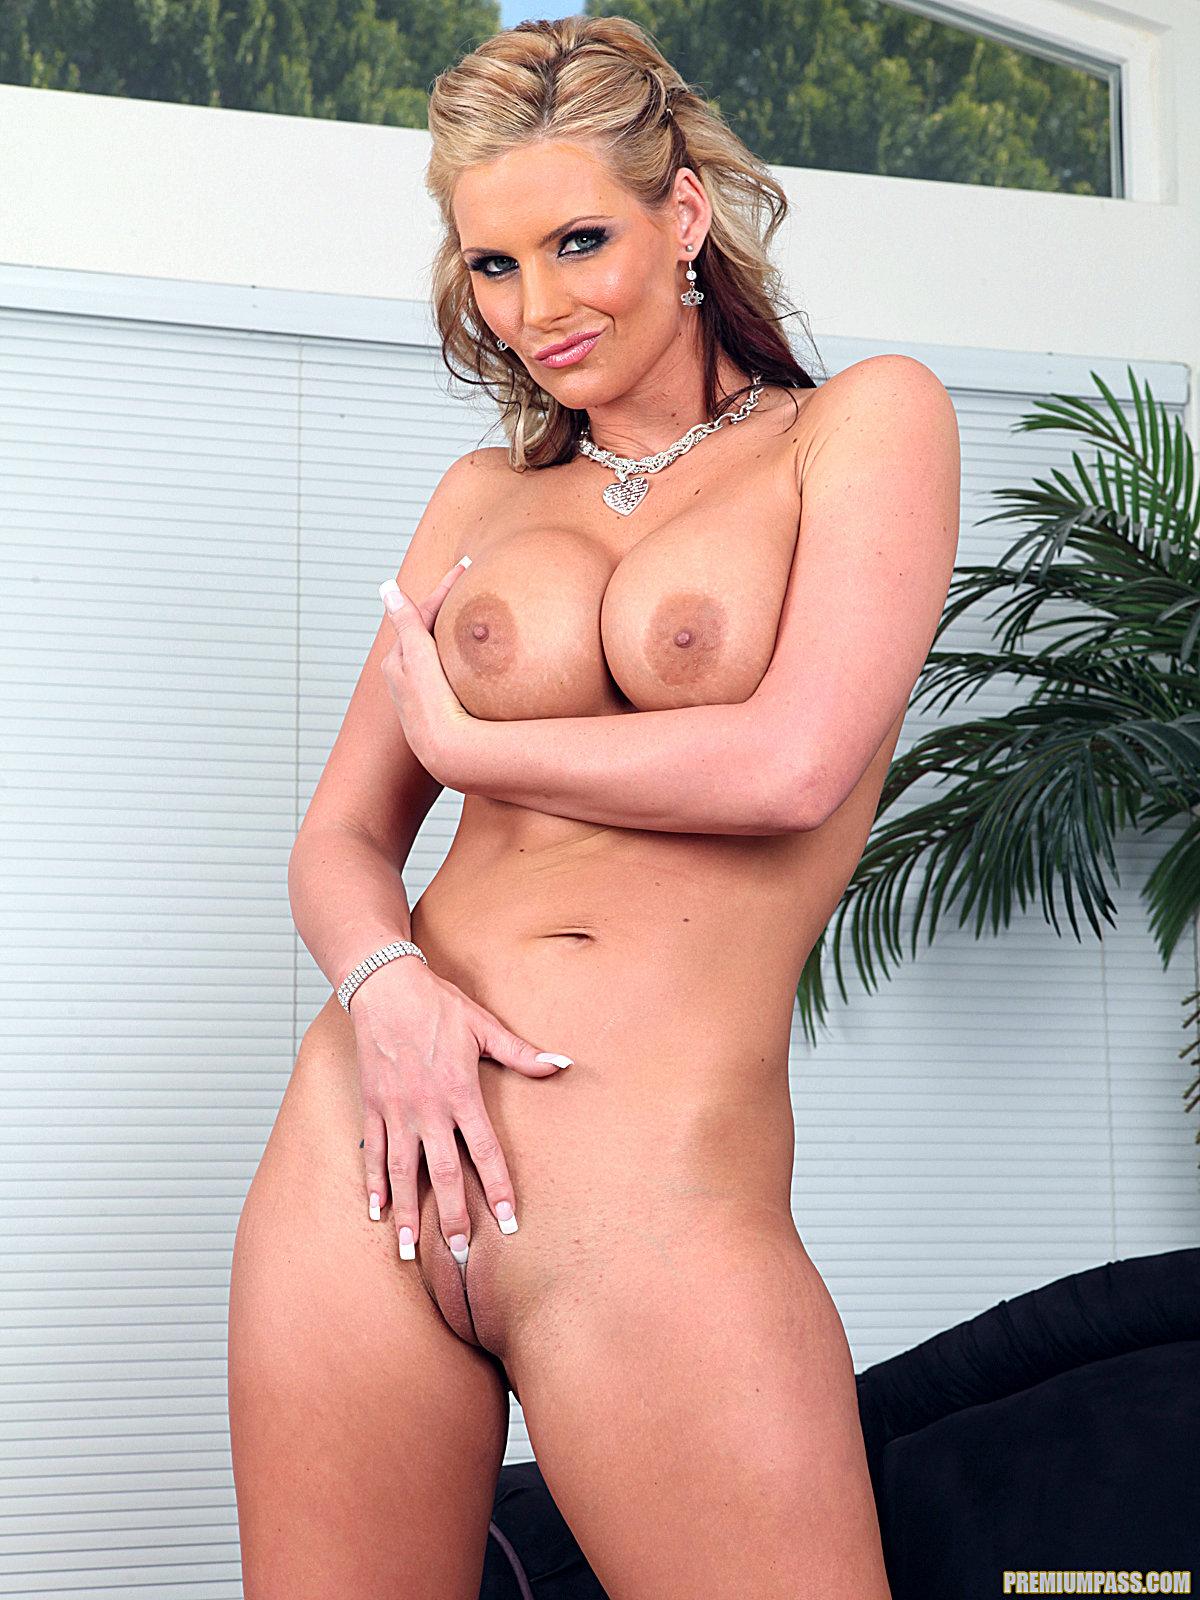 Phoenix mari naked join